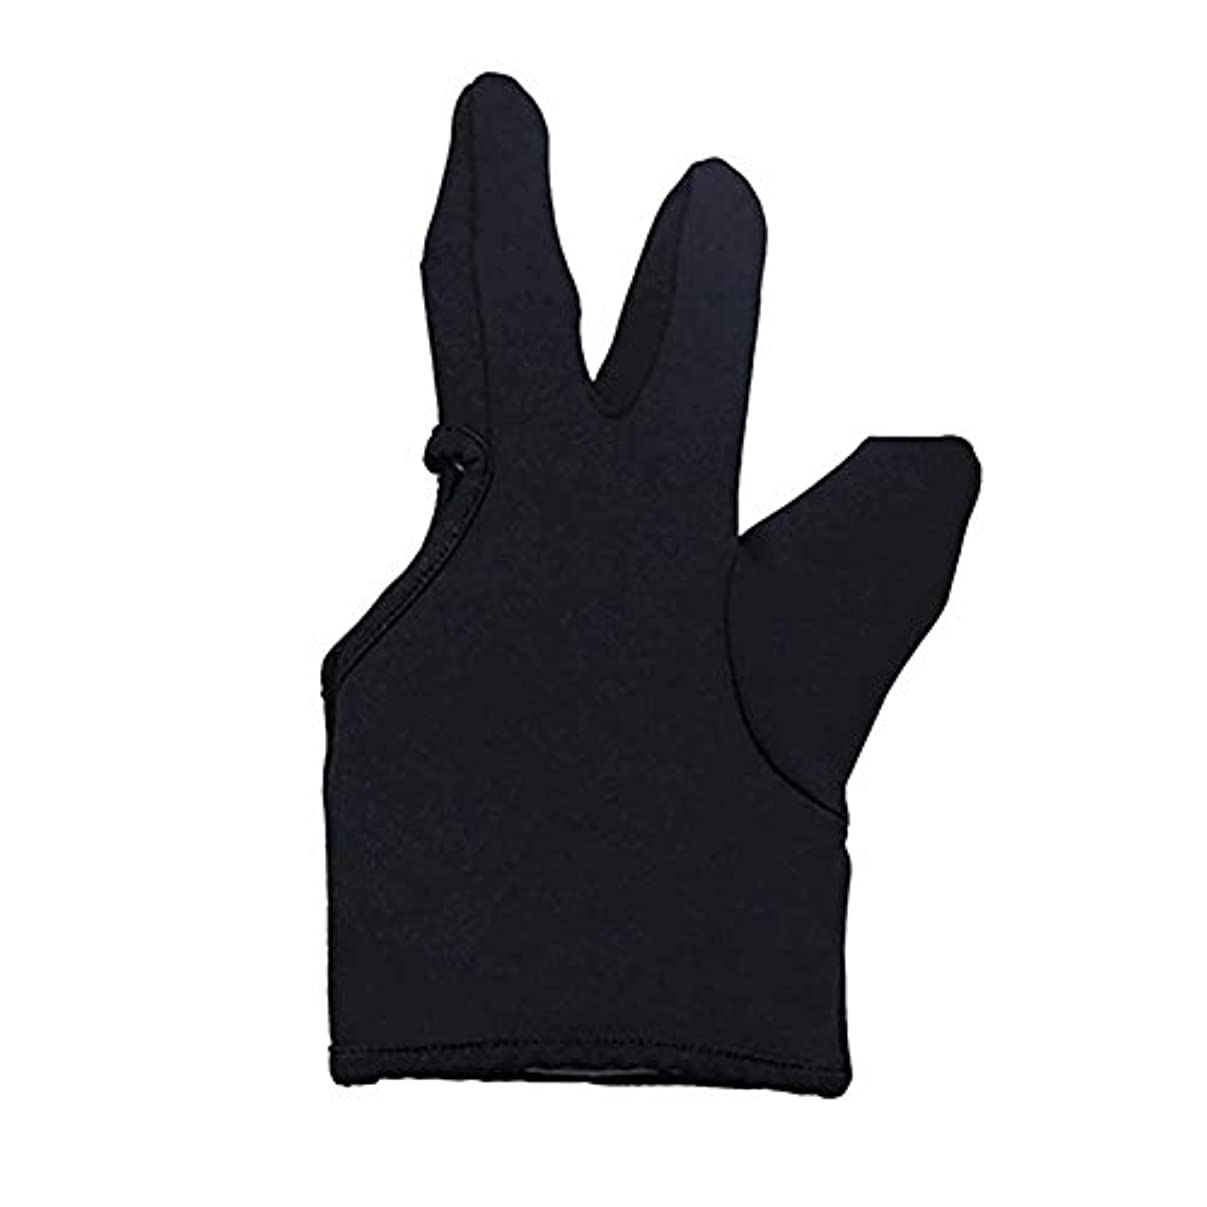 可能にする想像する隣接Liebeye 3本の指耐熱フィンガー保護手袋 ヘアスタイリングツール